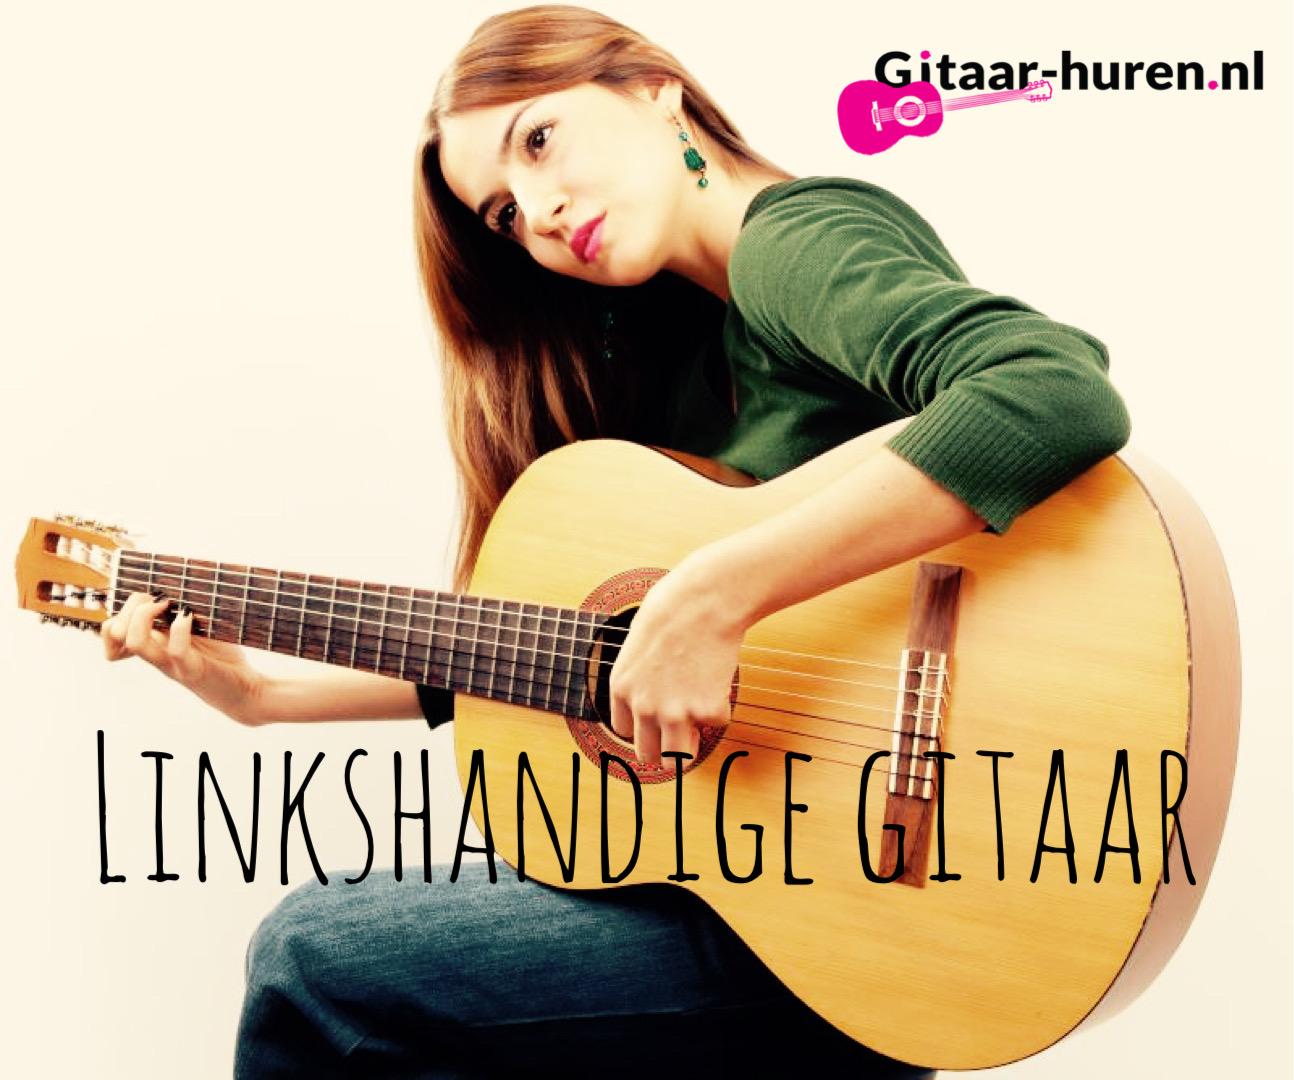 Linkshandig gitaar spelen